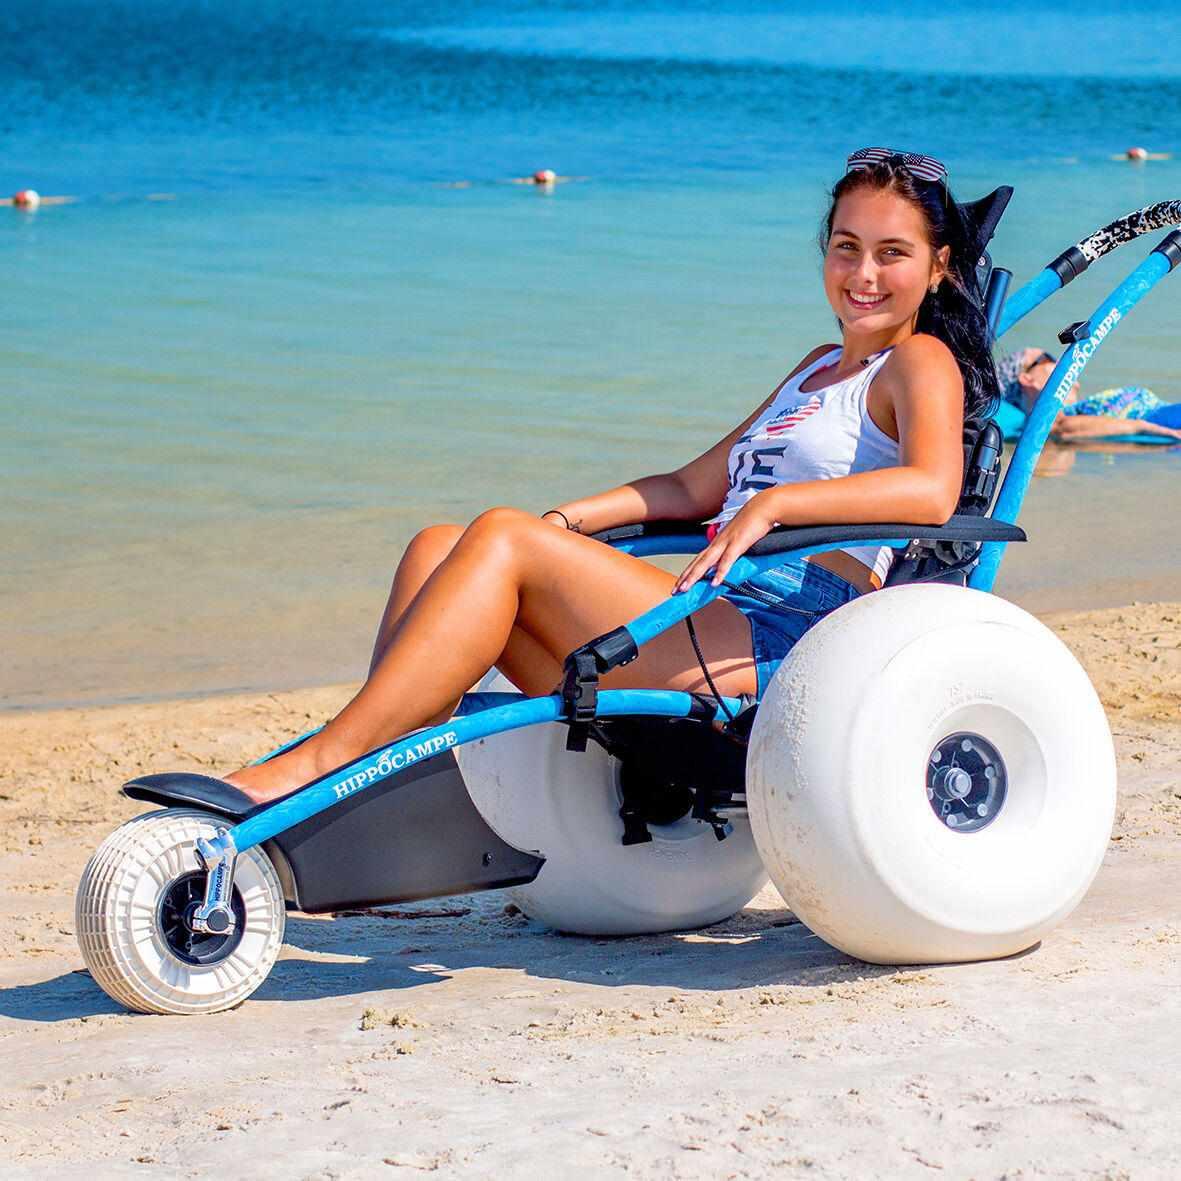 Vipamat Hippocampe All-Terrain Beach Wheelchair | All Terrain Wheelchair